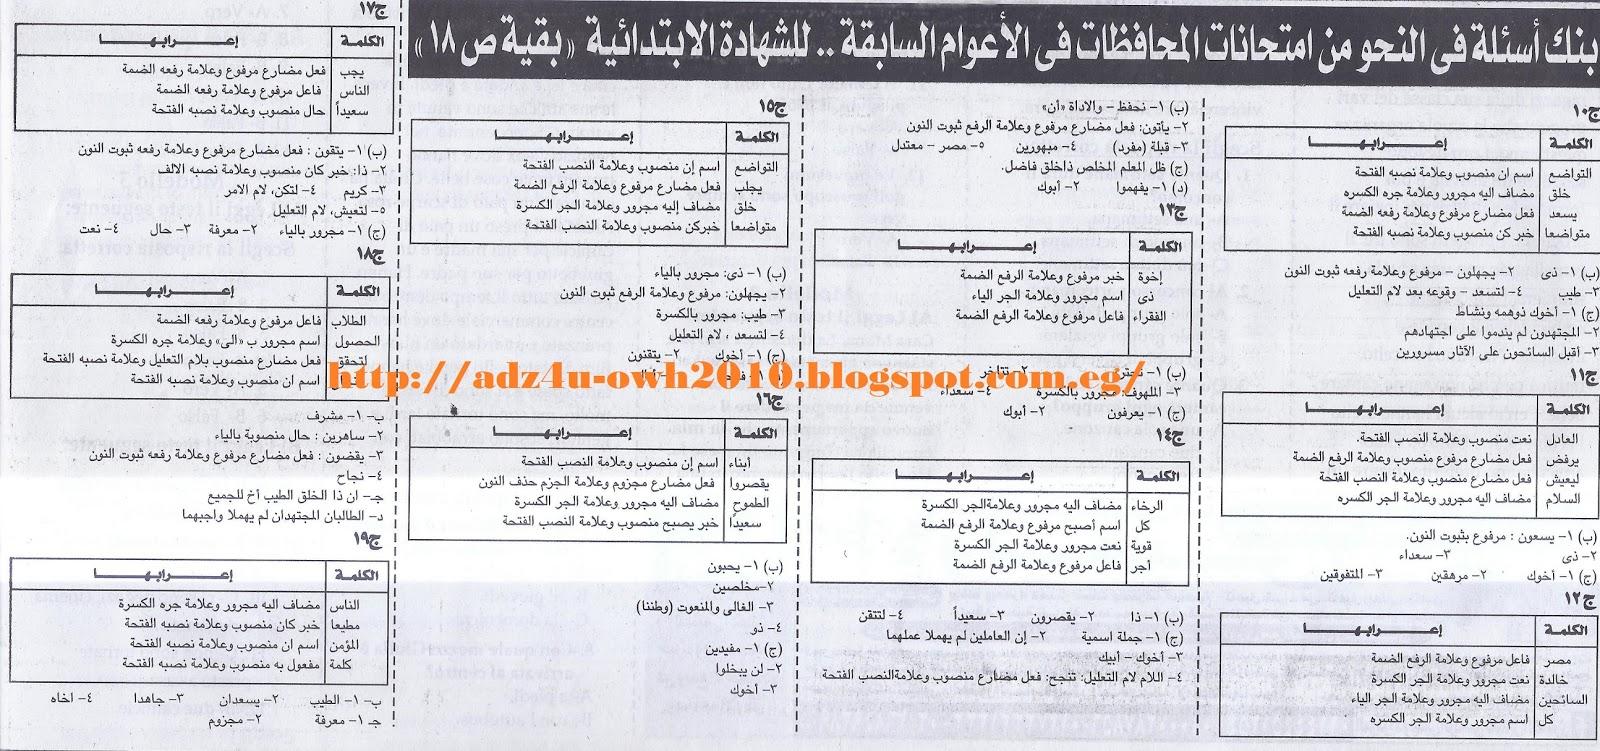 توقعات اسئلة امتحان النحو بالاجابات للصف السادس ترم ثاني.. ملحق الجمهورية 2017 5